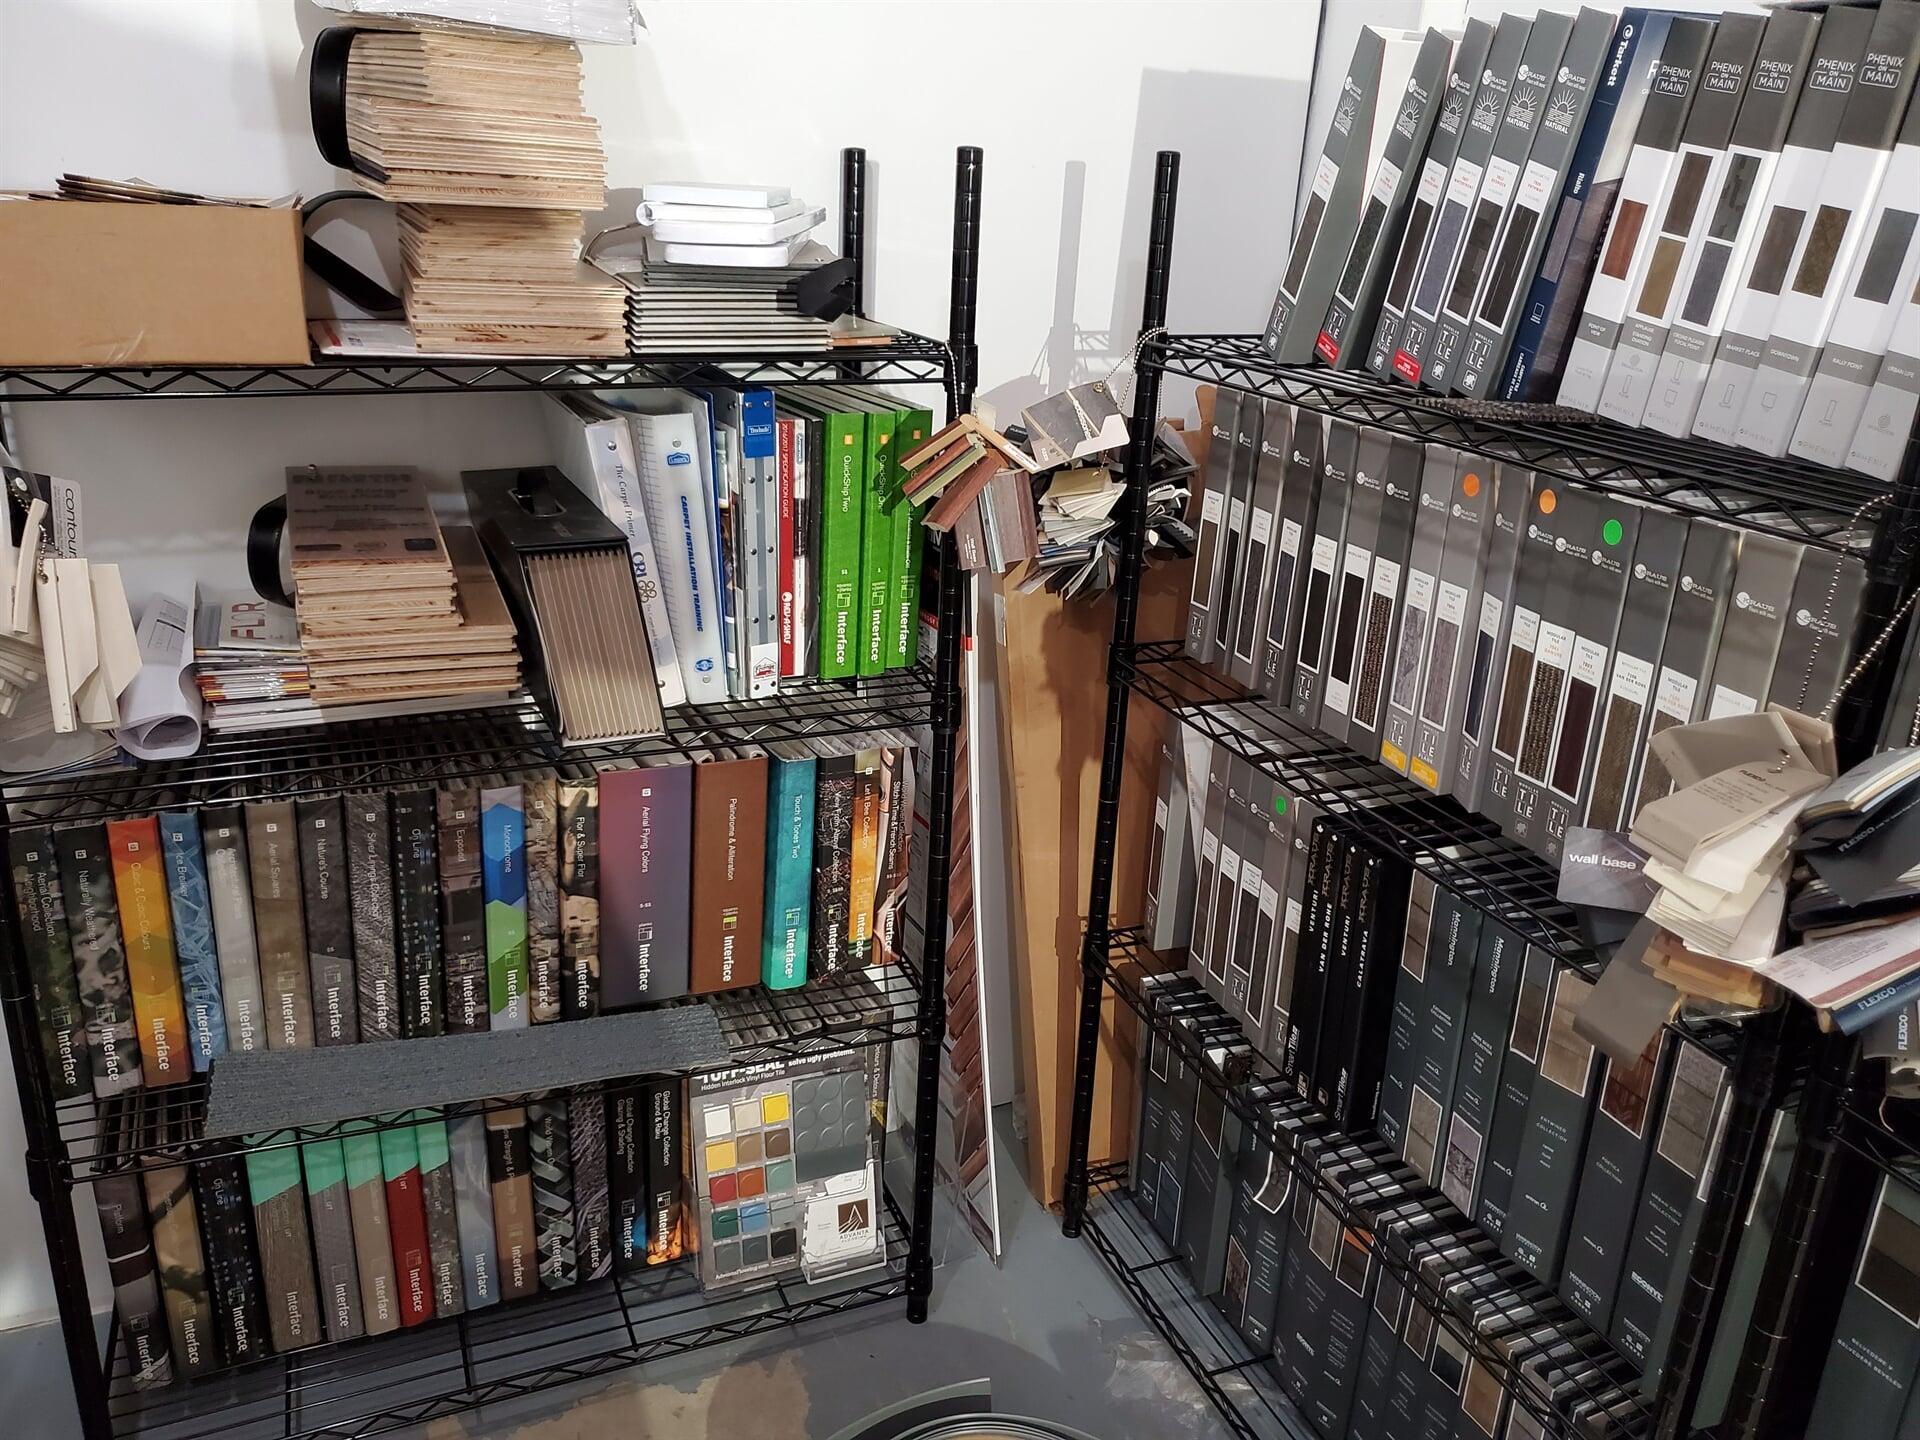 Interface Carpet Tile Books